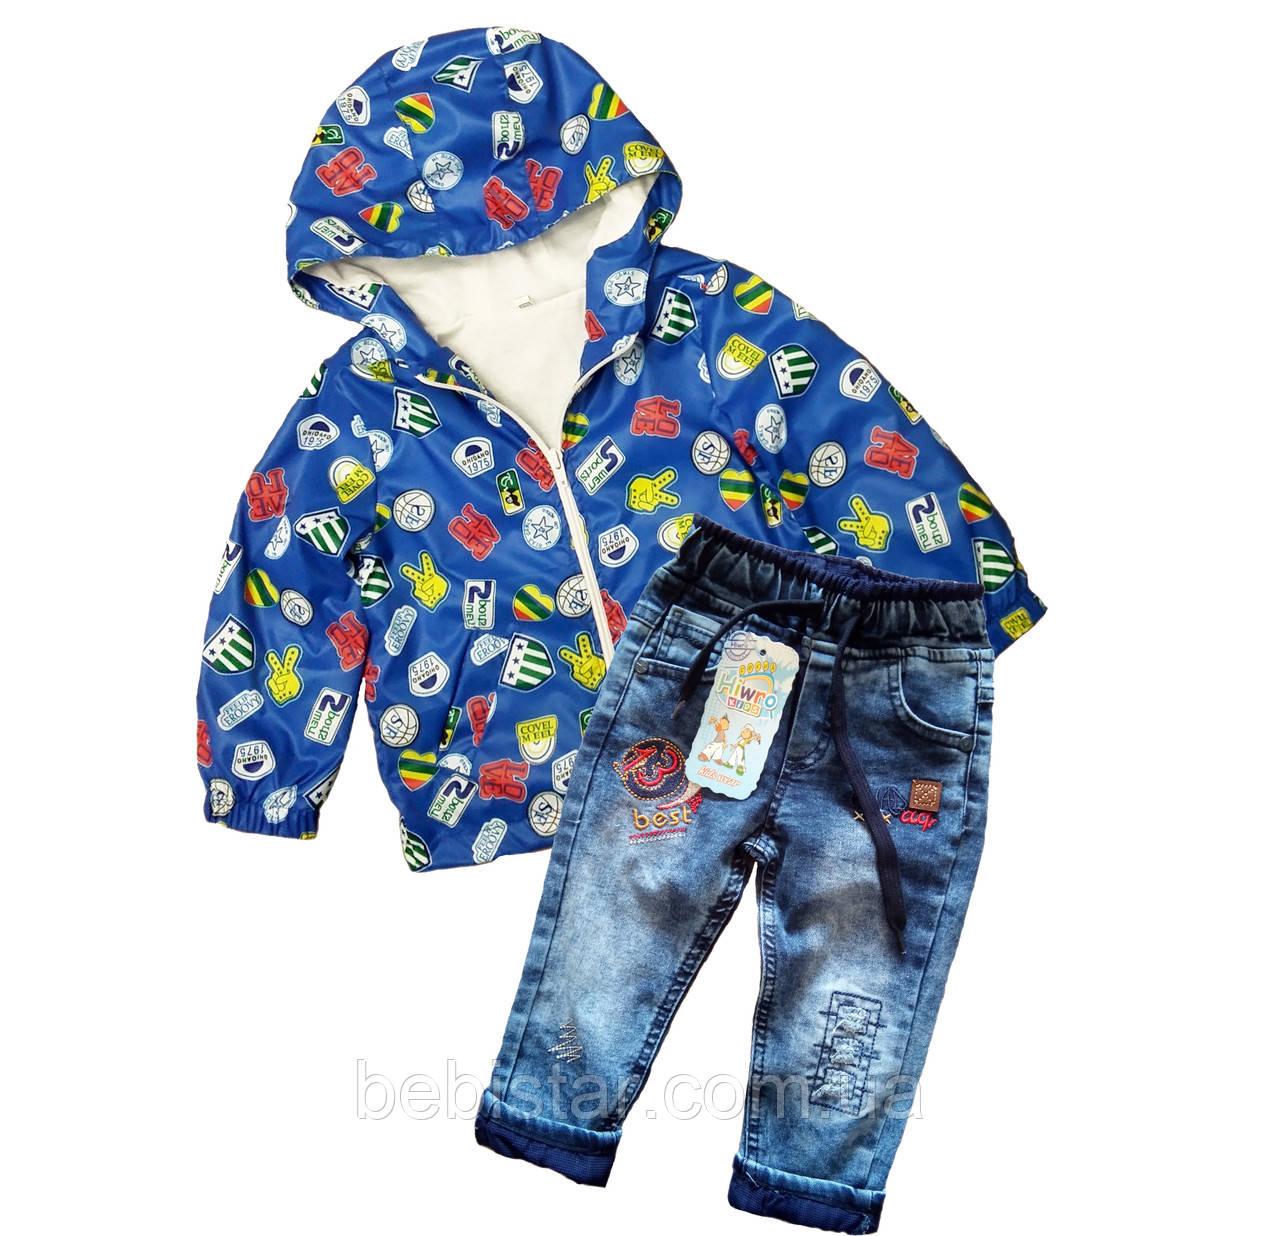 Модная детская ветровка и джинсы для мальчика 1-3 года